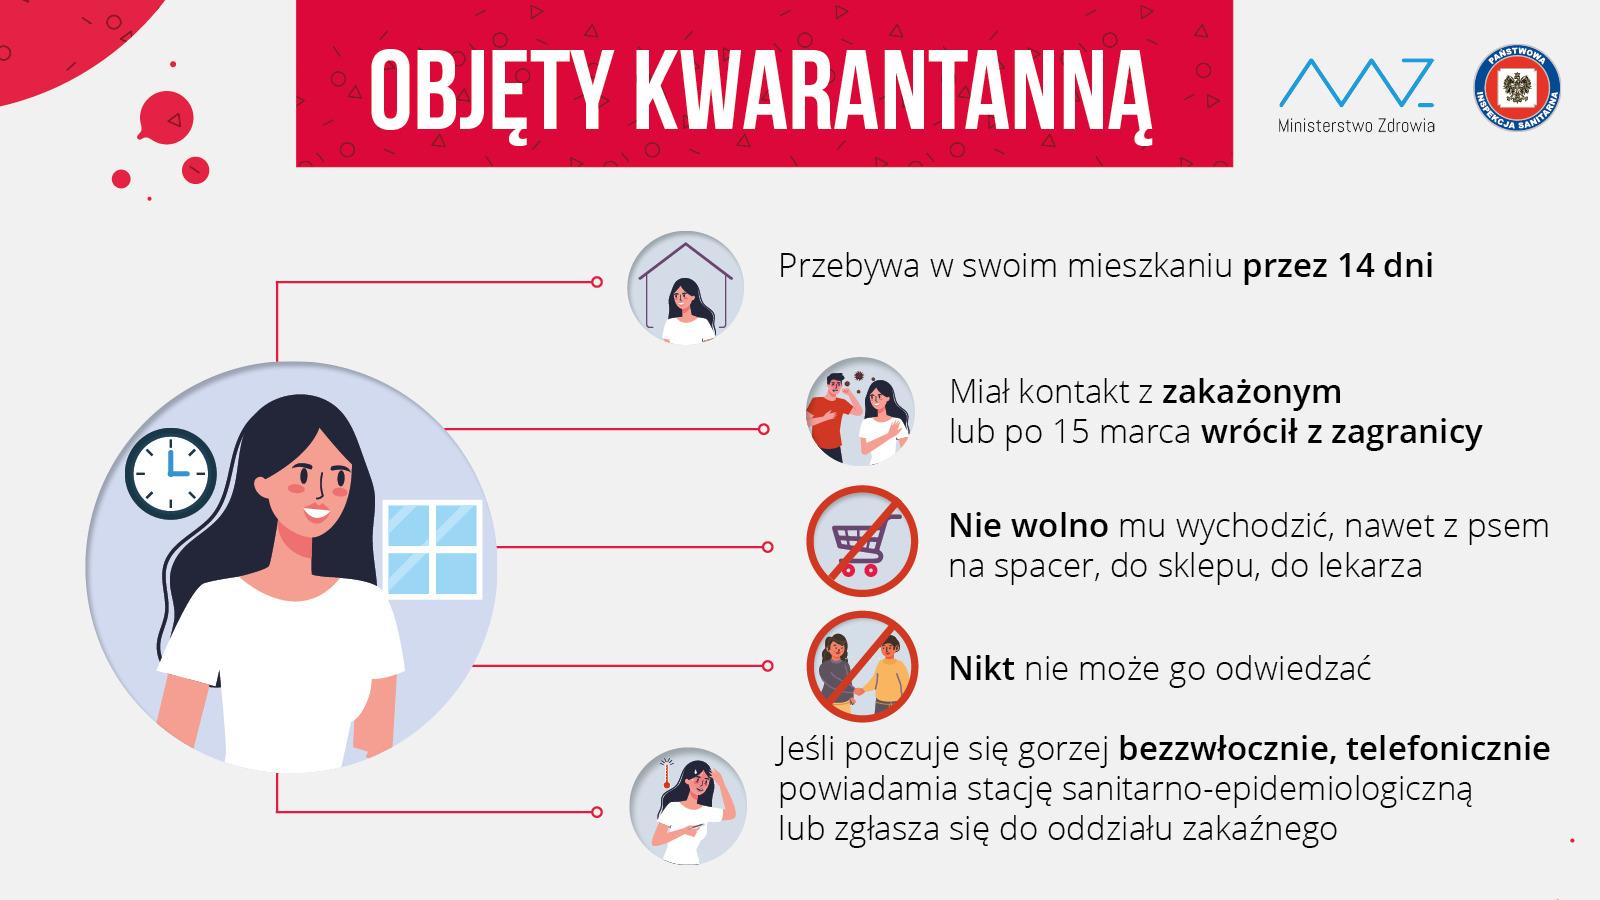 kwarantanna_1.jpg